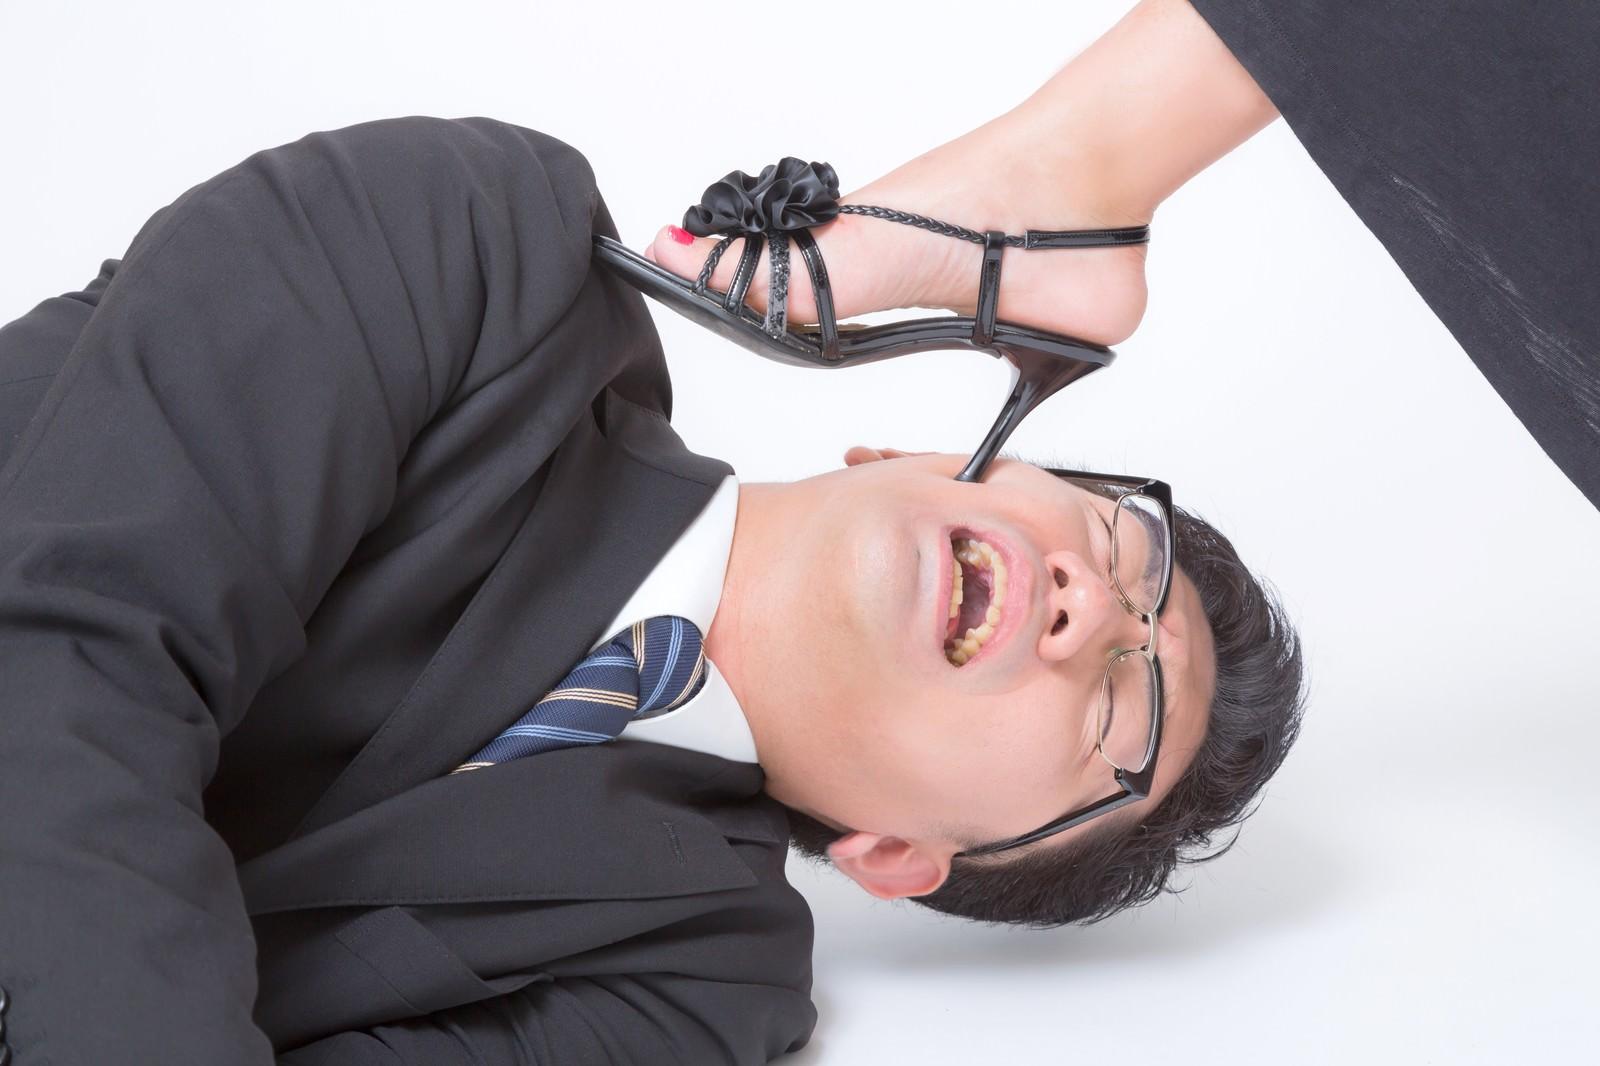 「ピンヒールでお仕置きされるスーツ姿の男性ピンヒールでお仕置きされるスーツ姿の男性」[モデル:OZPA]のフリー写真素材を拡大